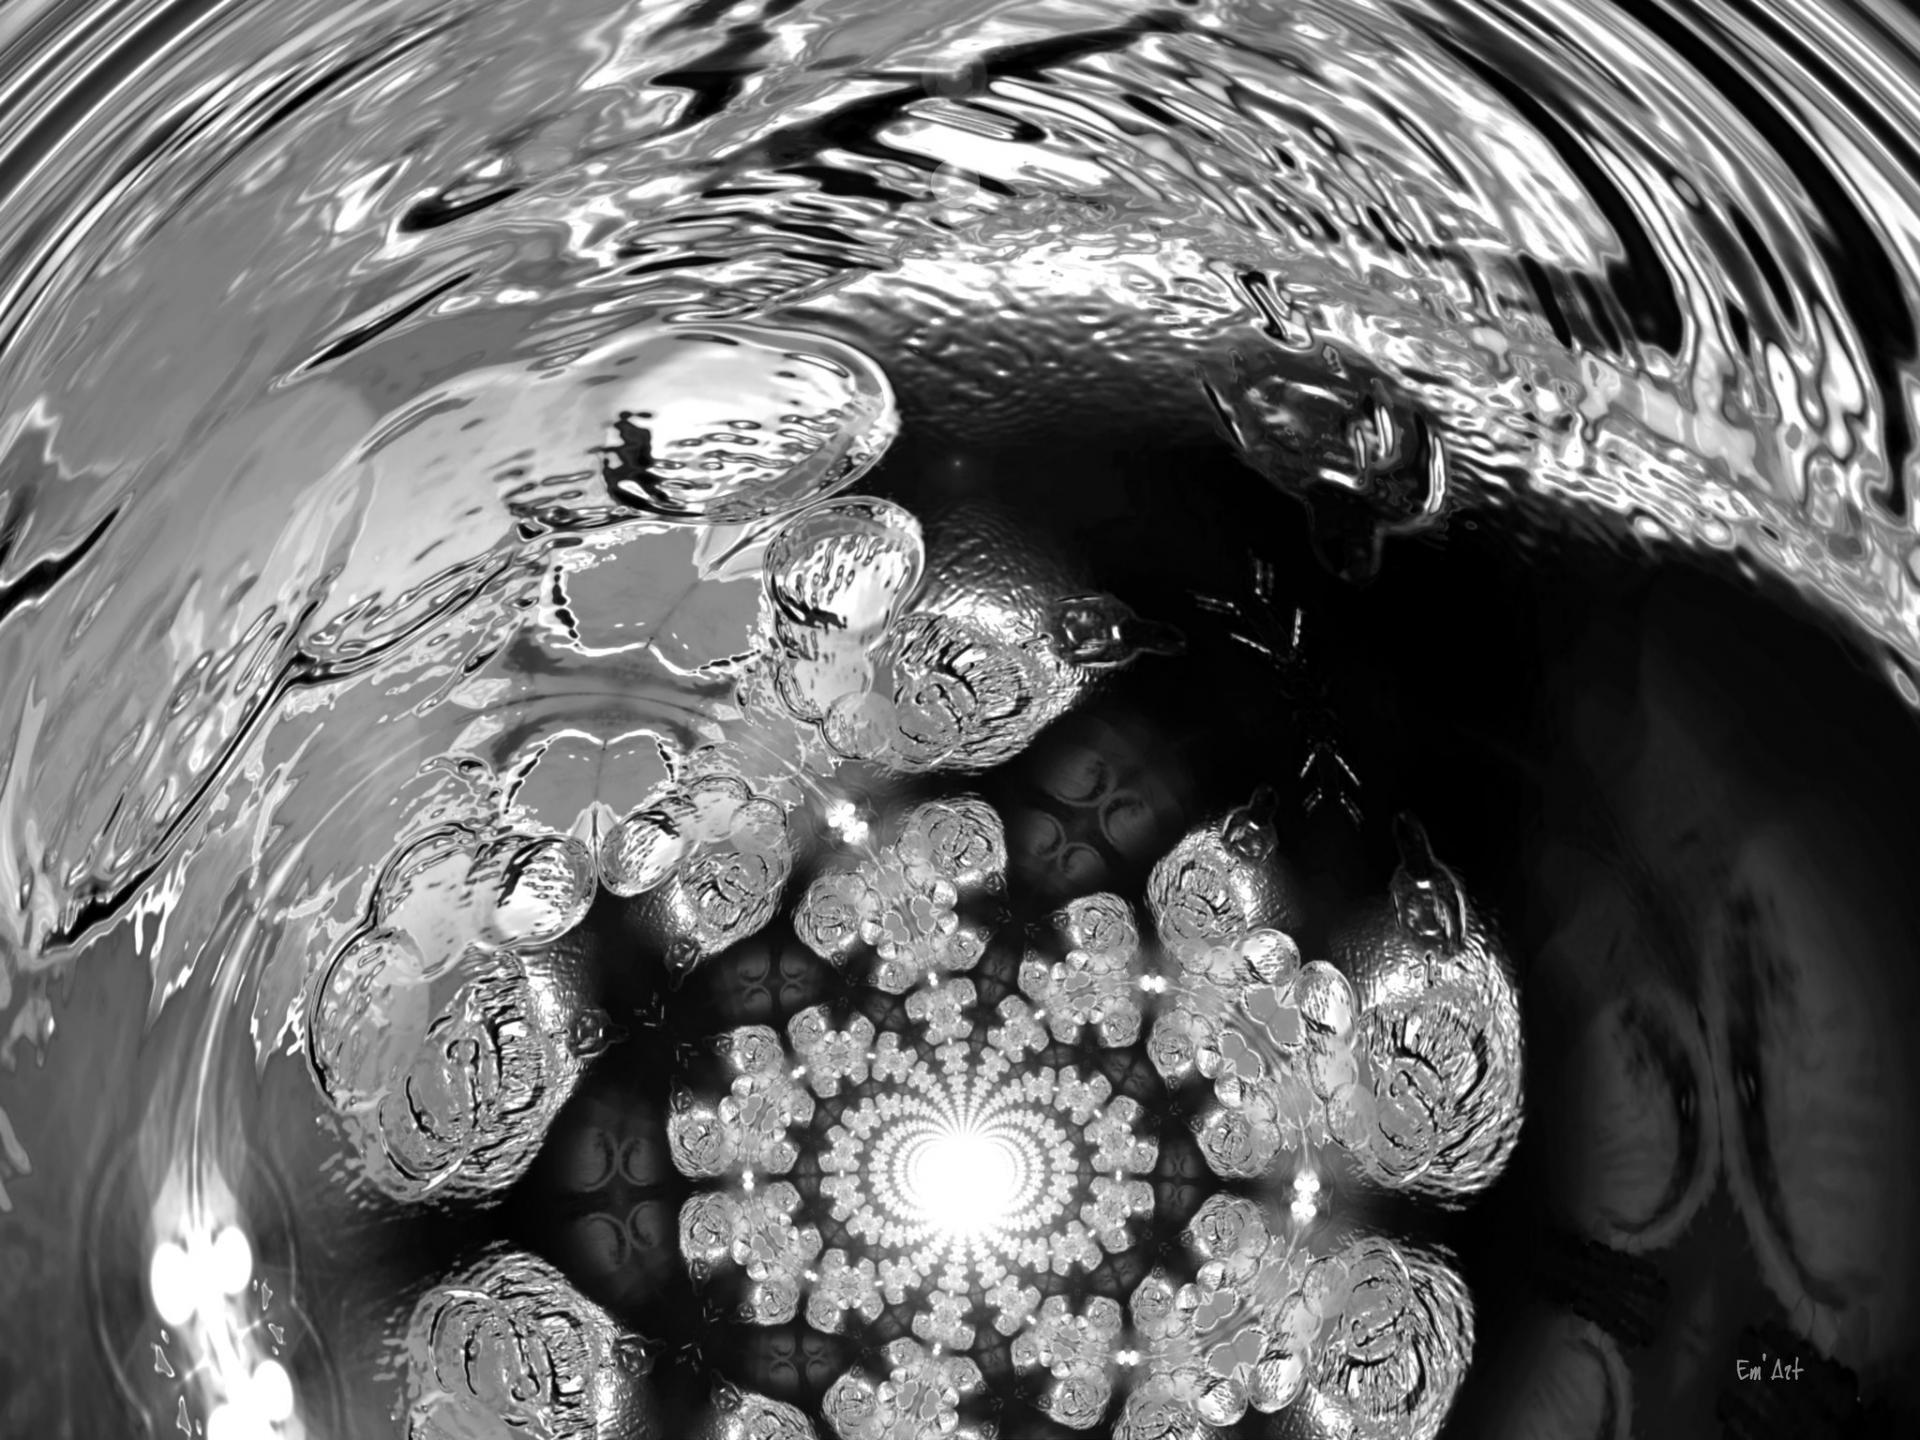 Argenterie celeste, photographie d'art par Em'Art